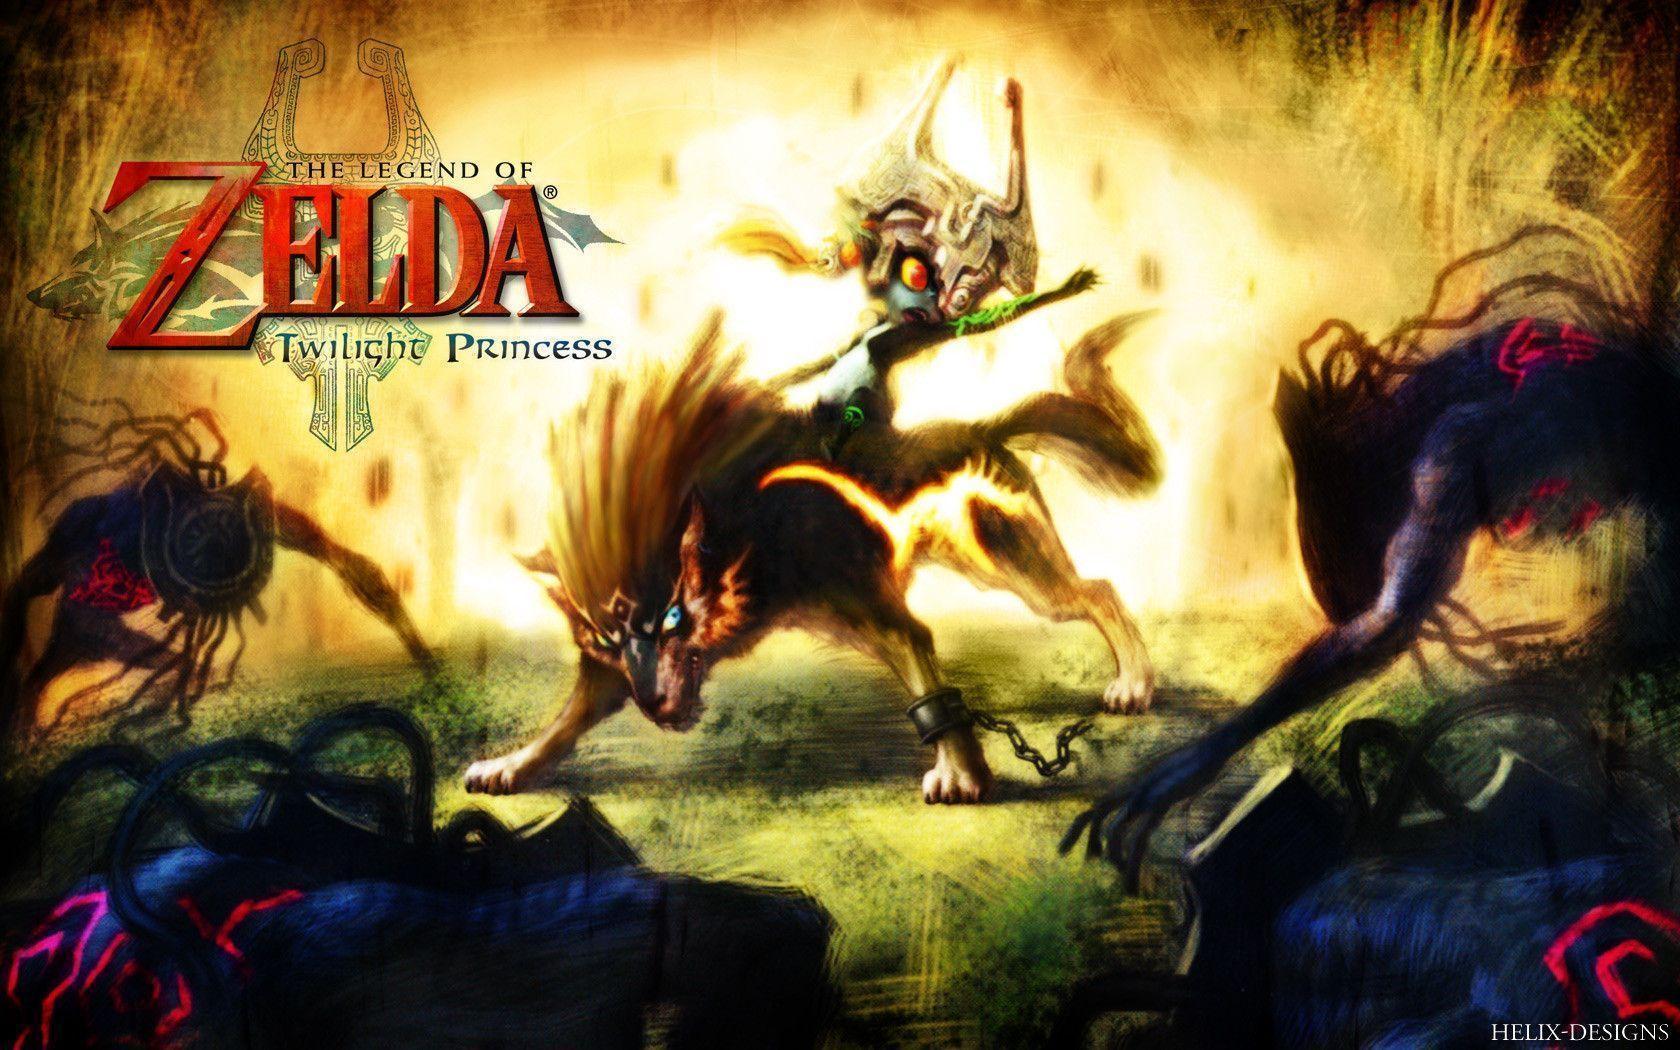 Zelda Twilight Princess Wallpapers - Wallpaper Cave